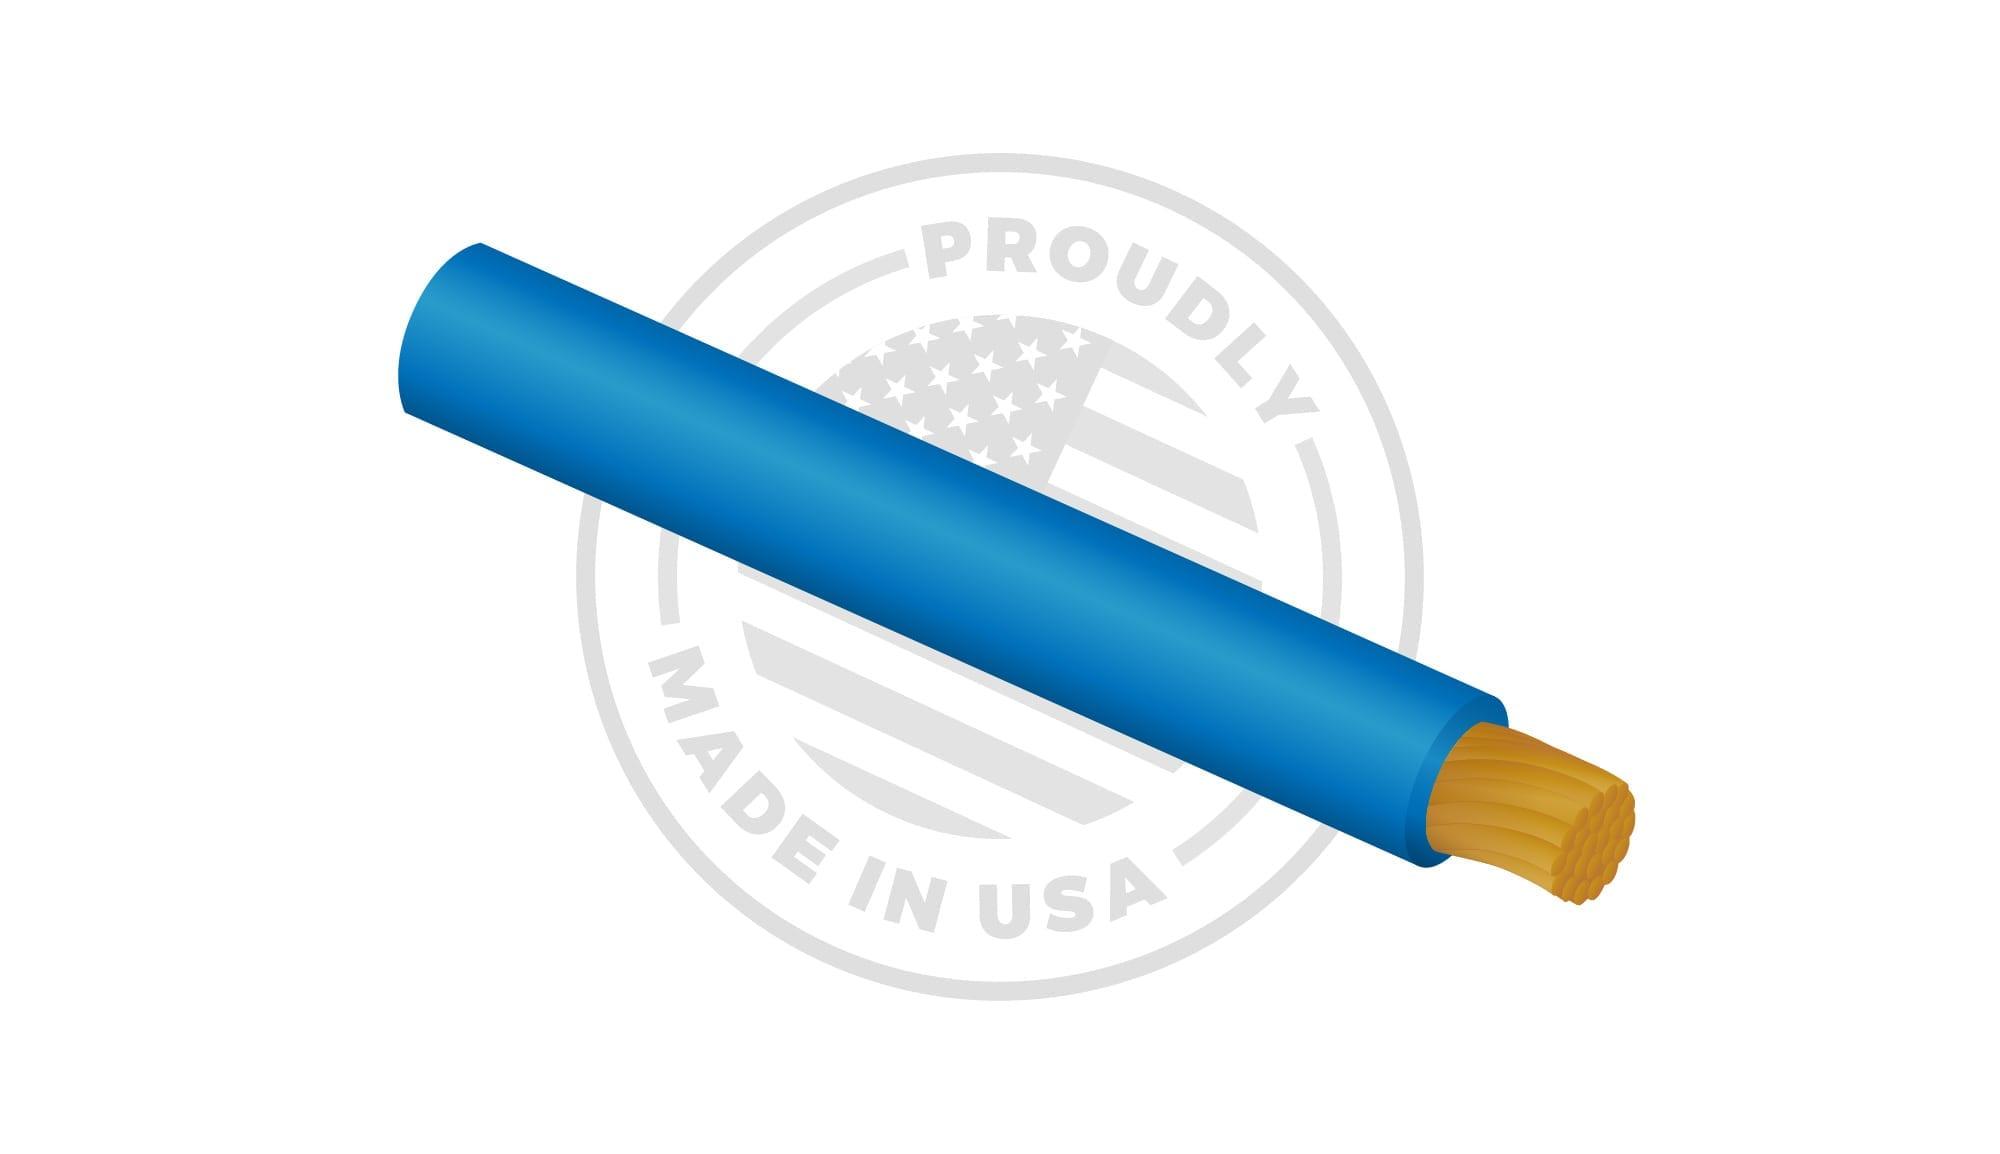 Pipe Bursting Wire v2